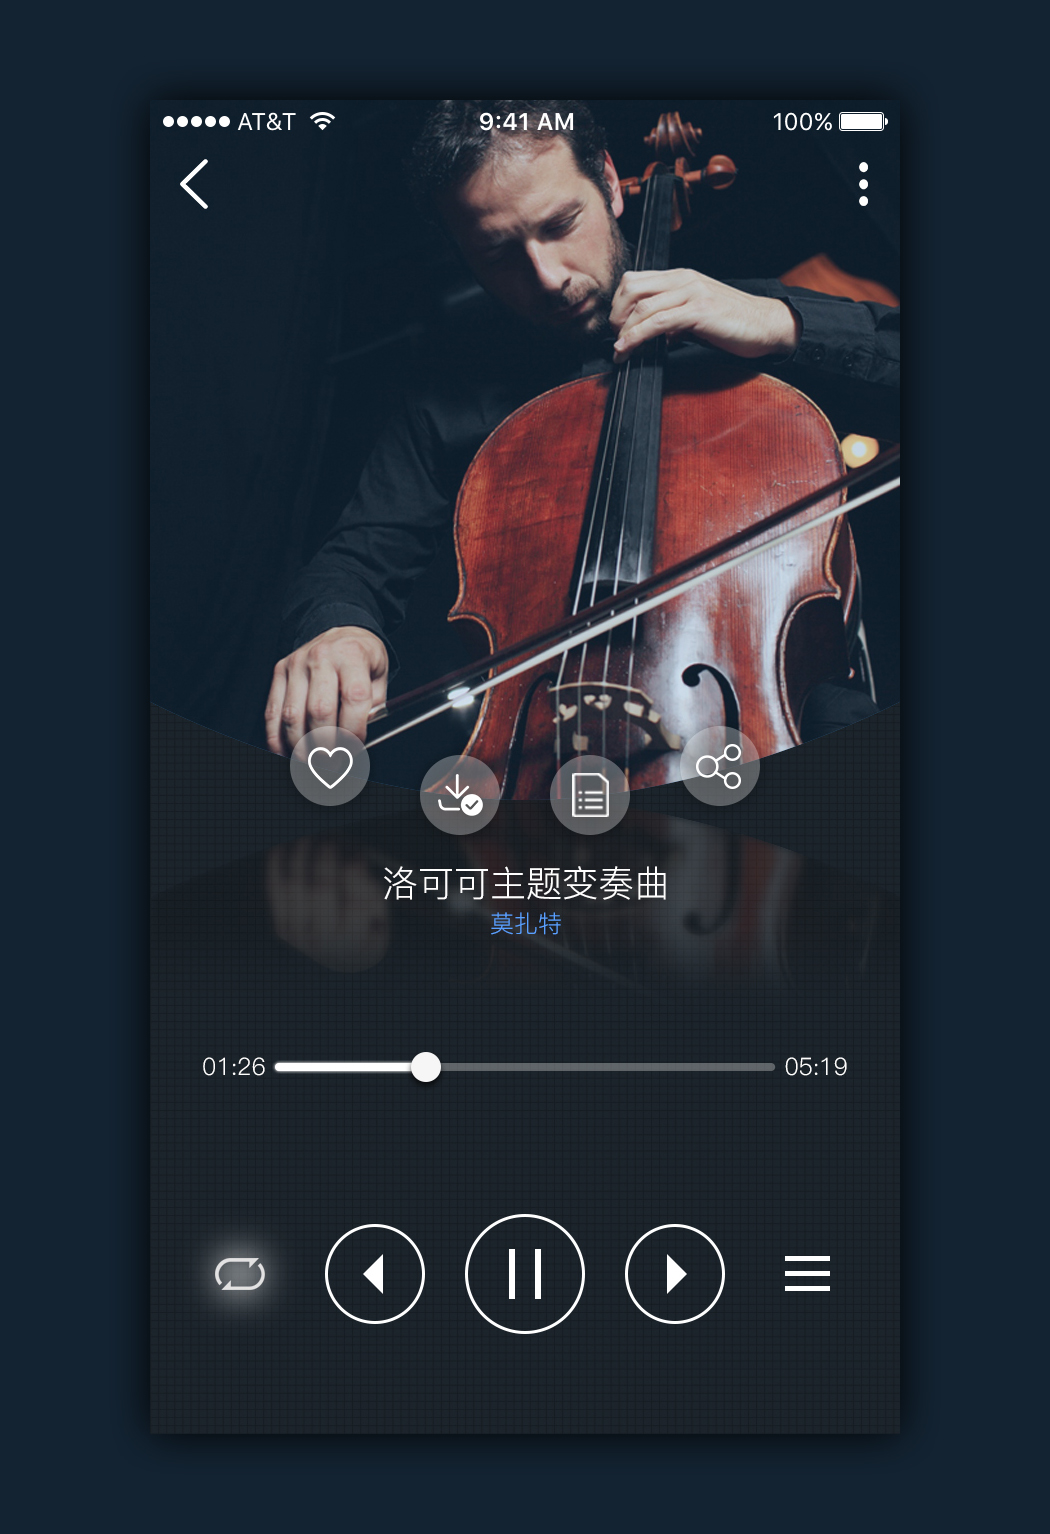 音乐软件播放界面      图片